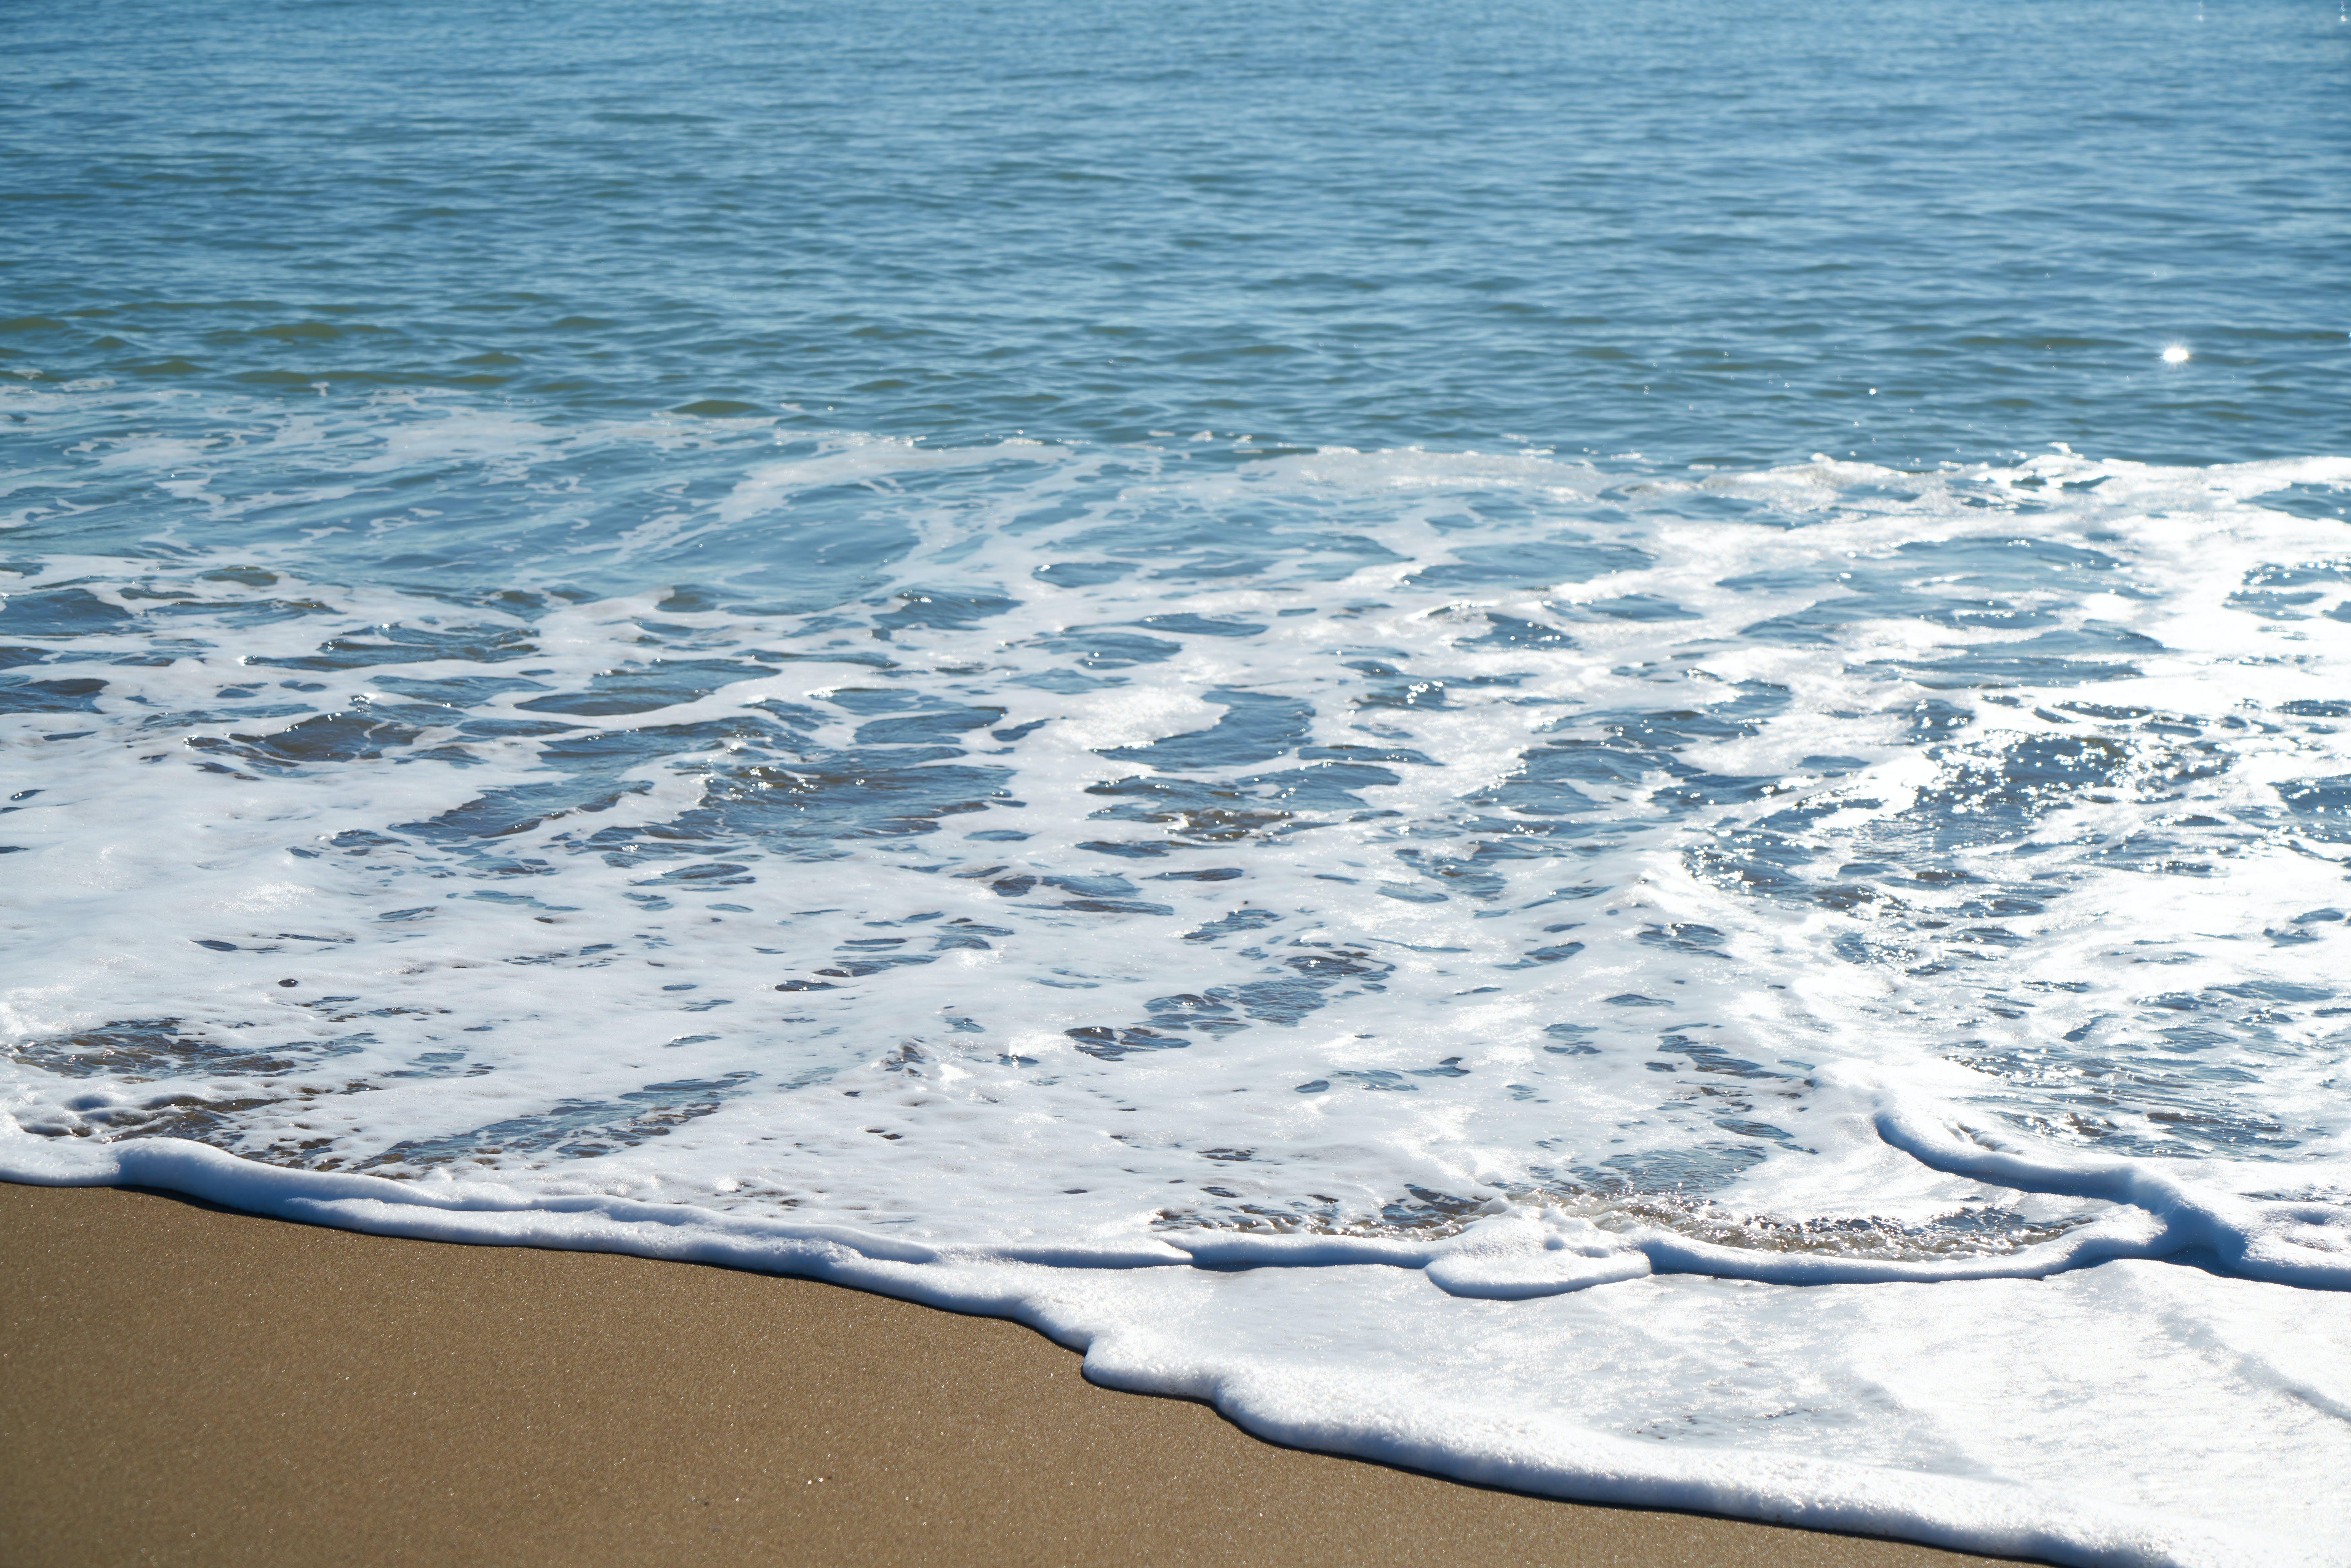 Gratis lagerfoto af blå, bølger, dagslys, hav